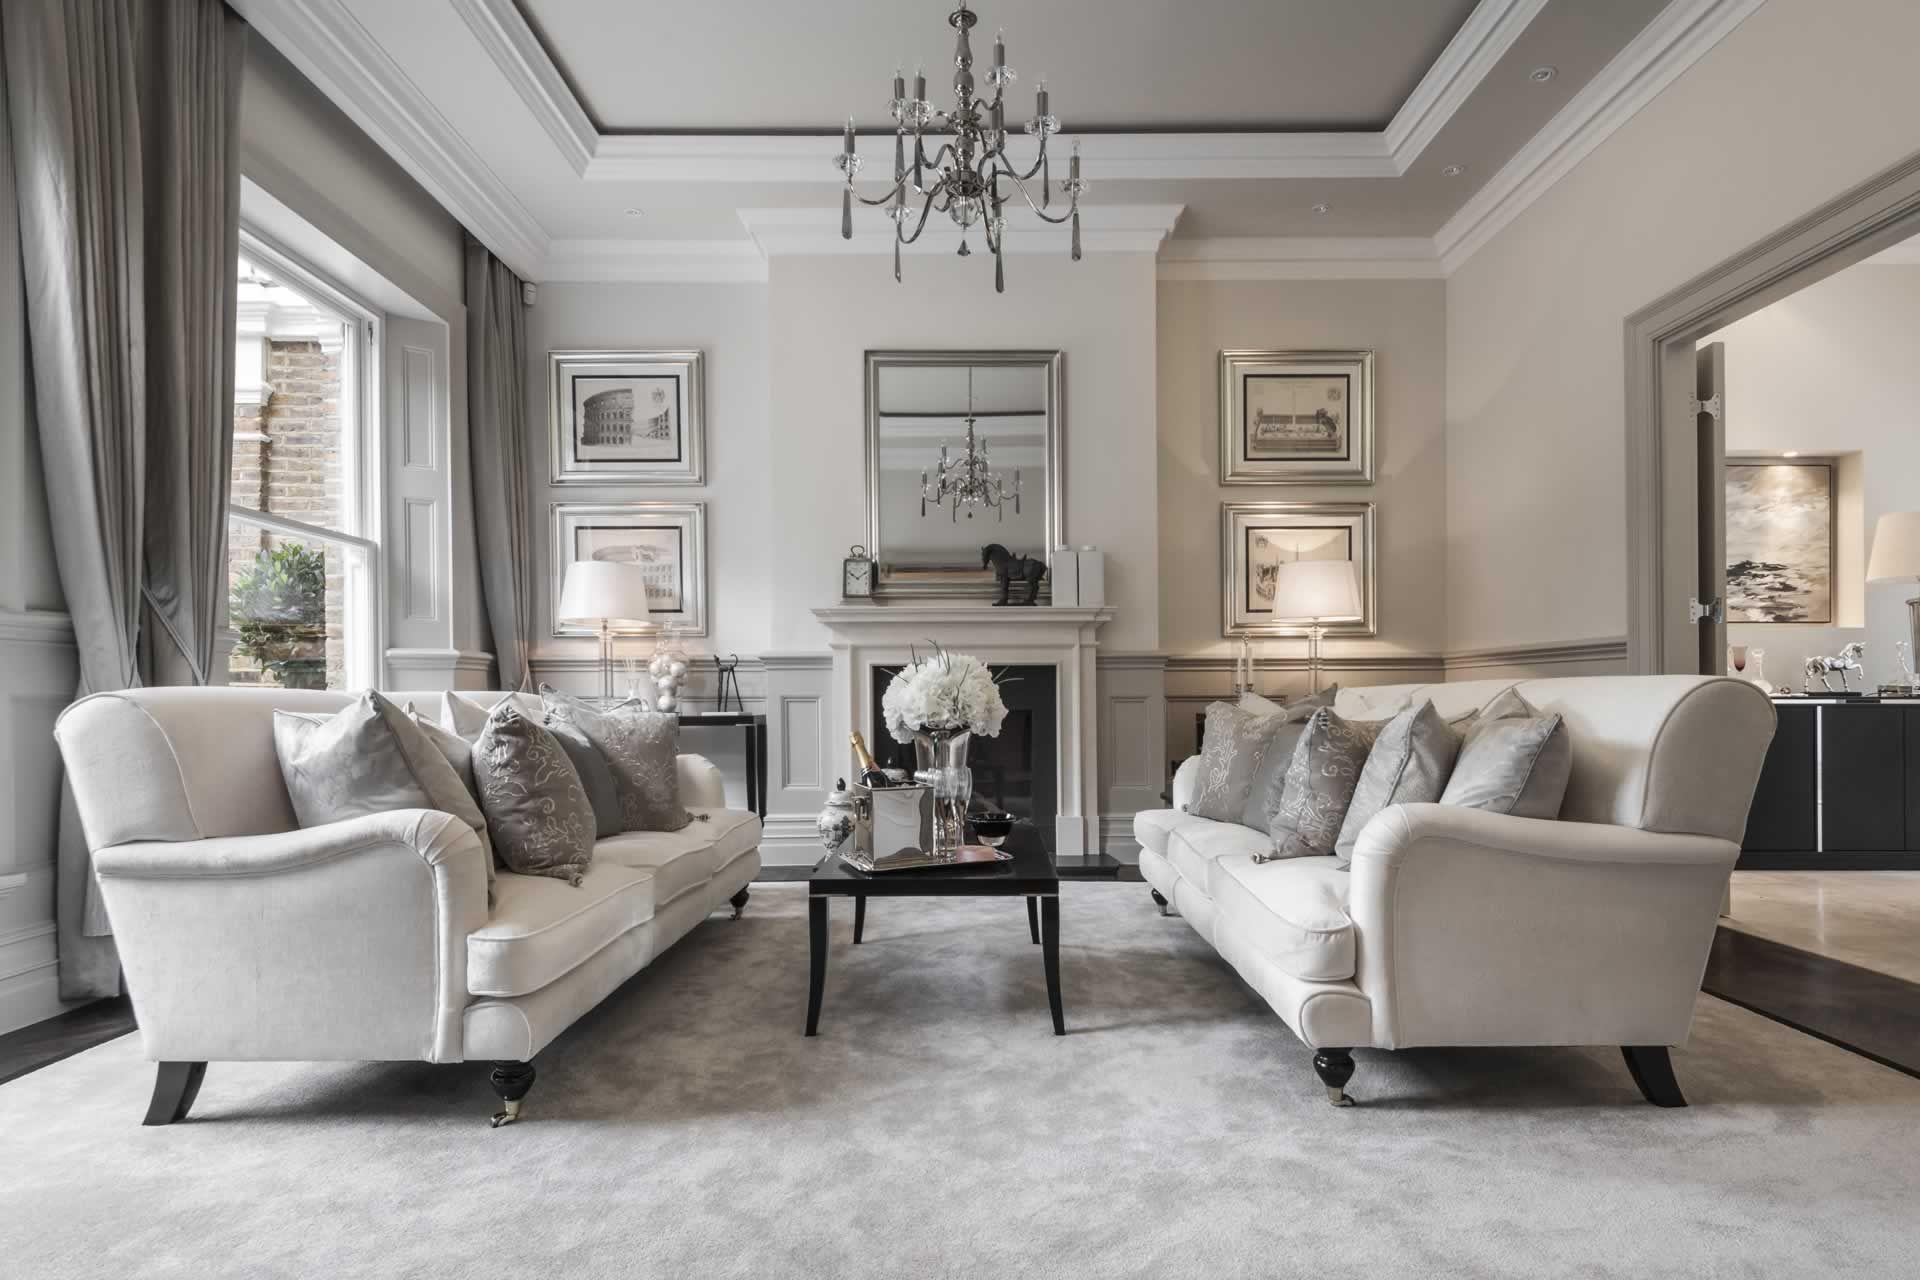 living room show homes ceiling designs 2018 interior design alexander james interiors house ideas